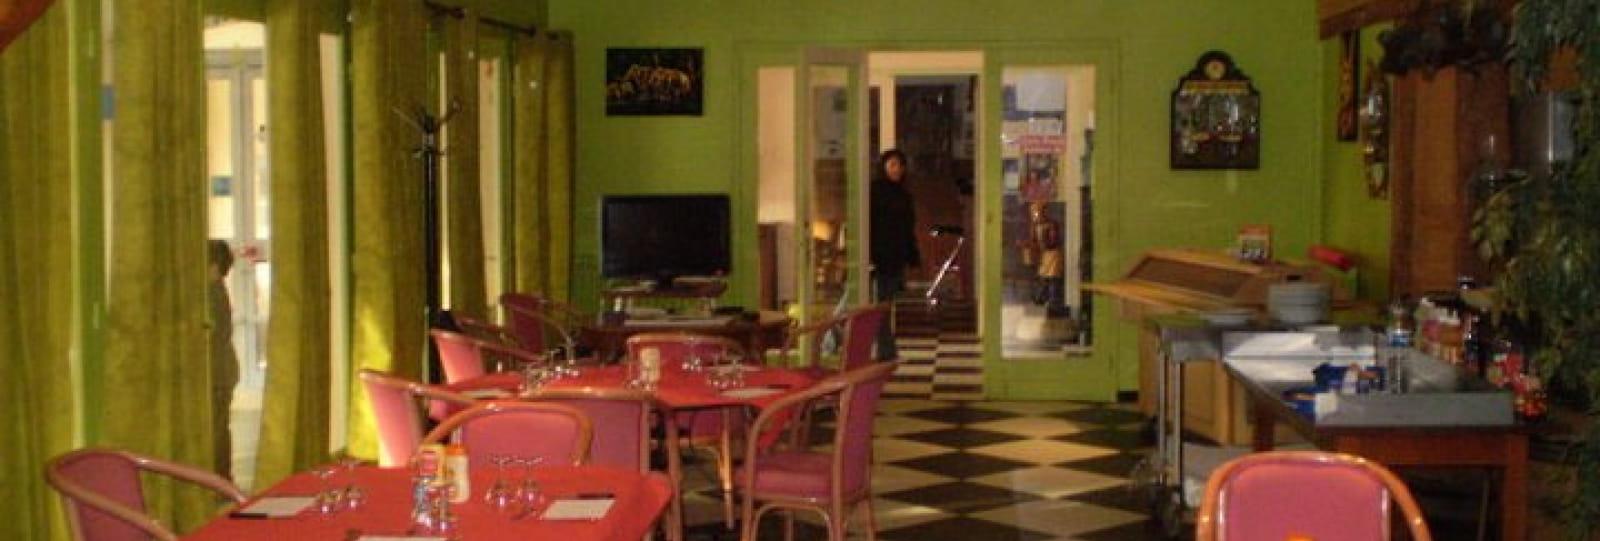 Restaurant Relais RN 7